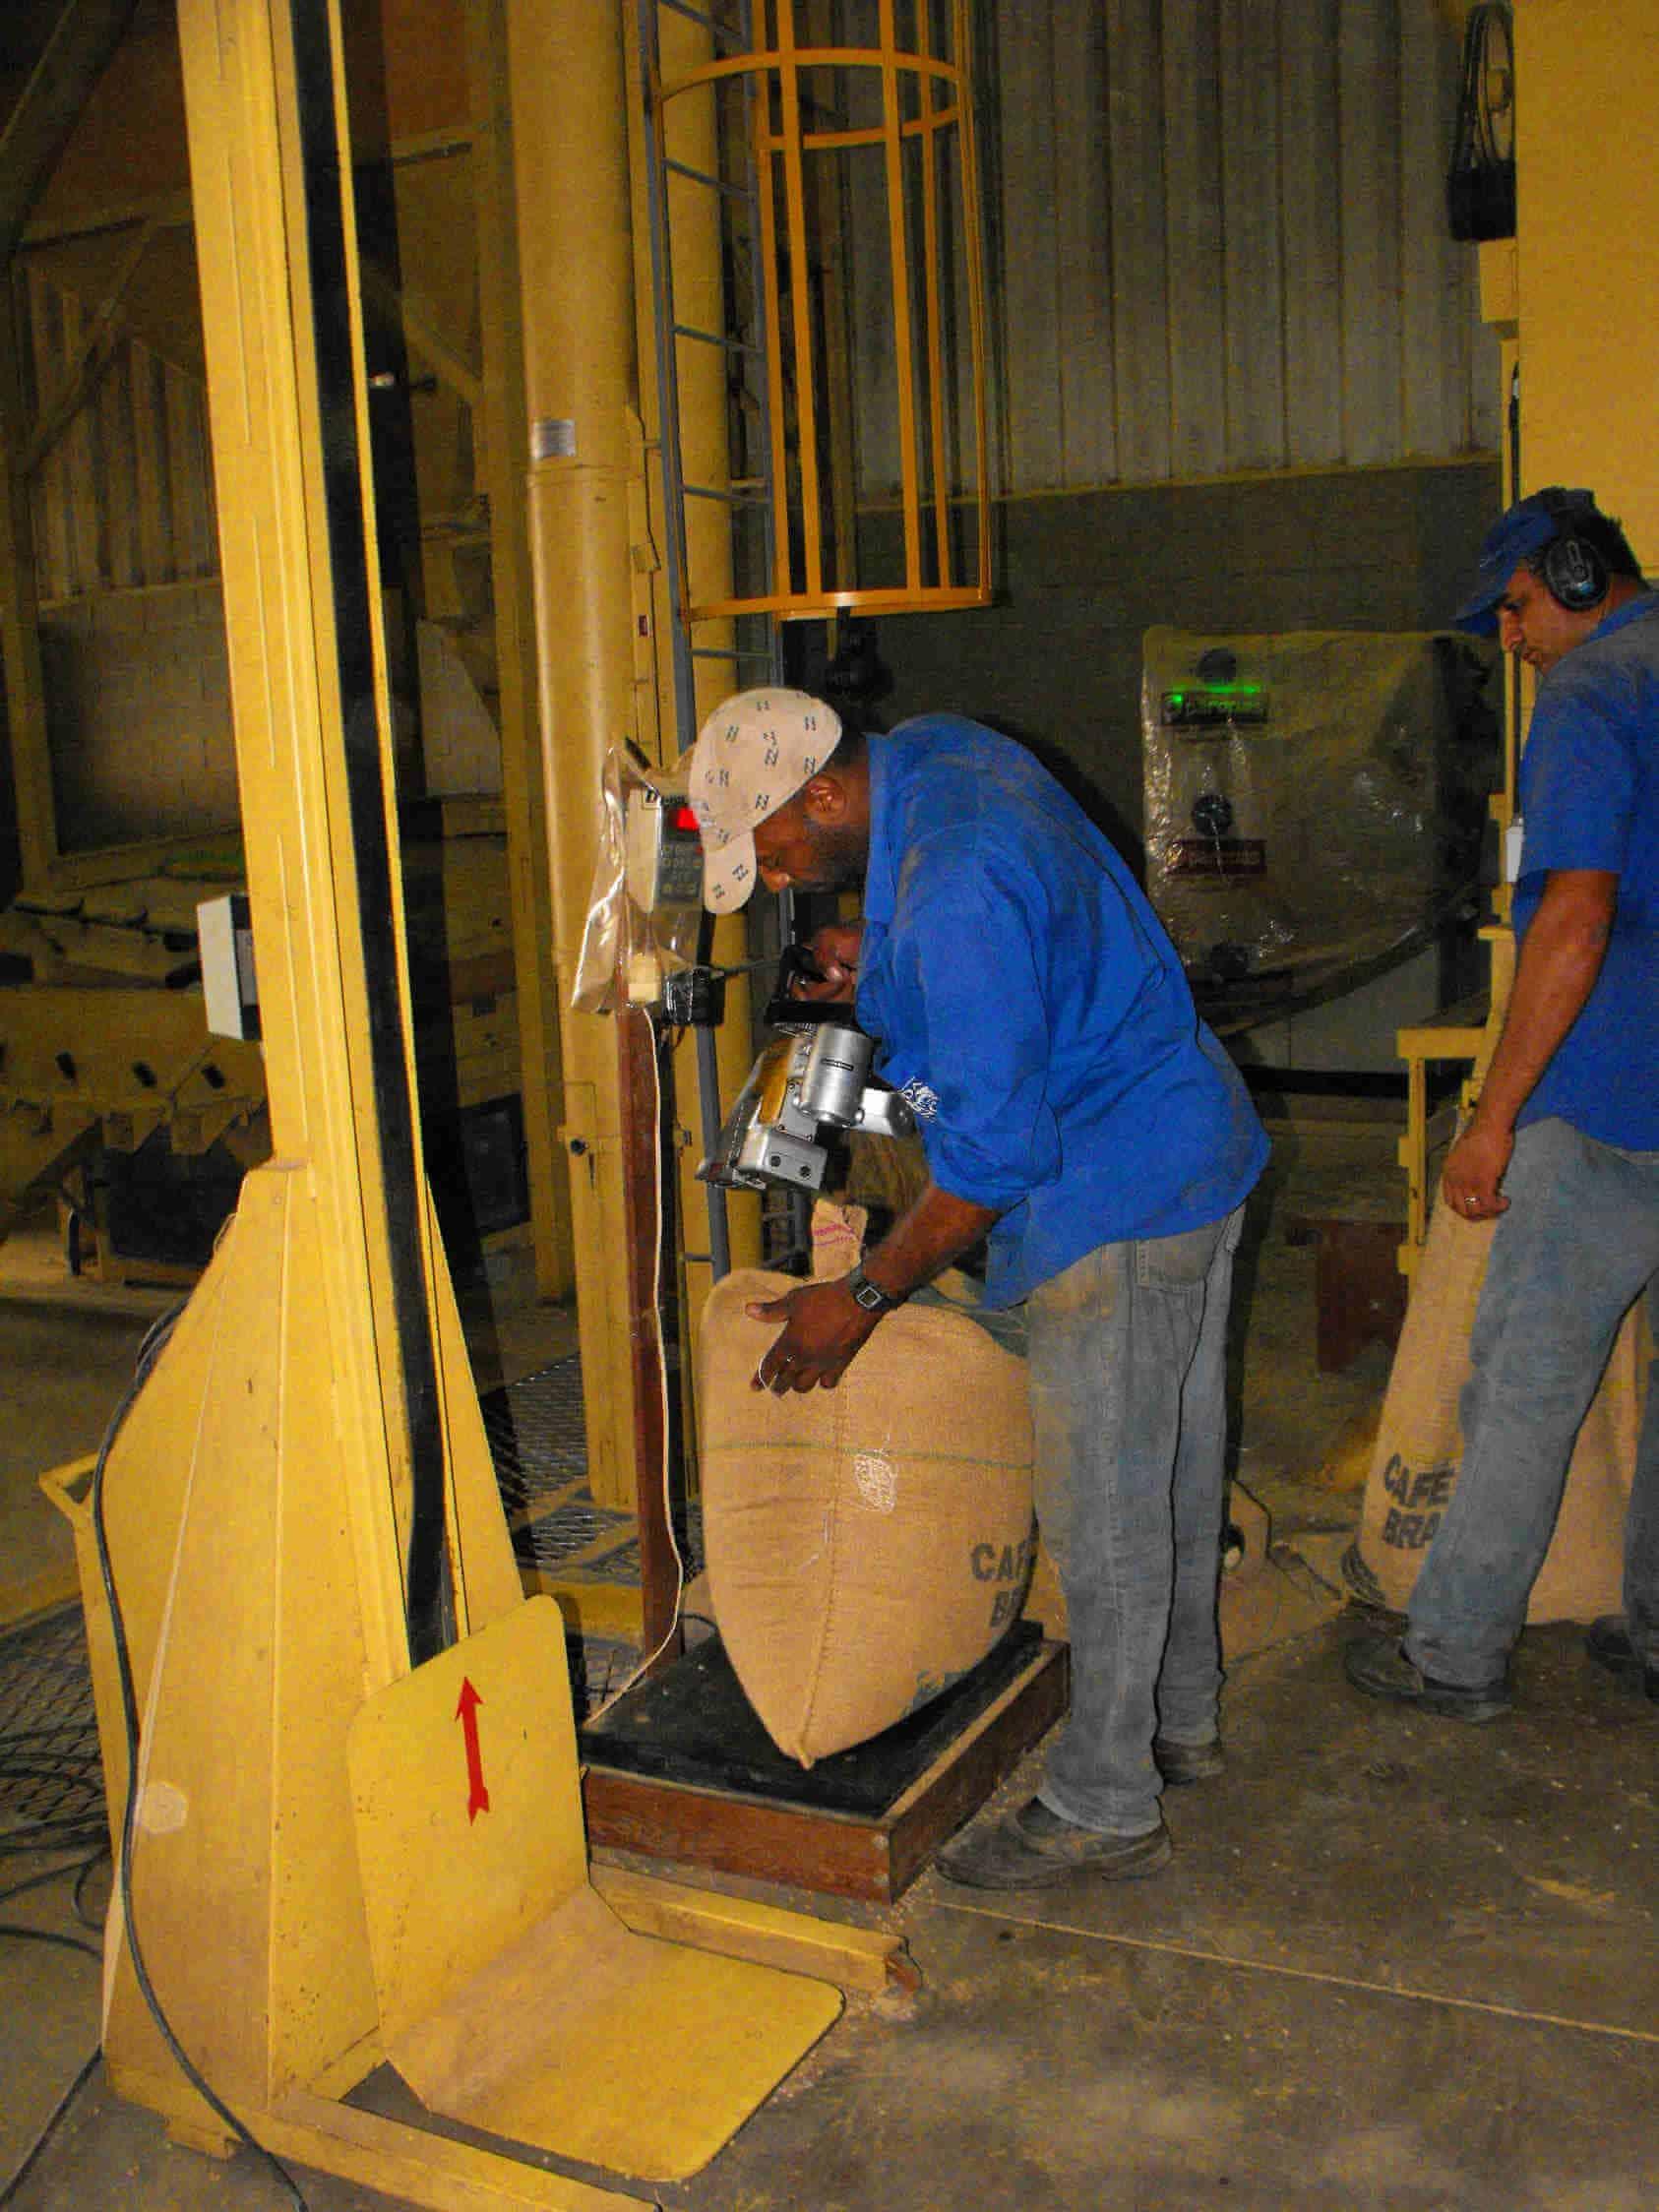 Zbiory kawy w Brazylii – Po poddaniu ziaren sortowaniu, obróbce i wysuszeniu pozostaje już tylko zaszyć przygotowane worki.